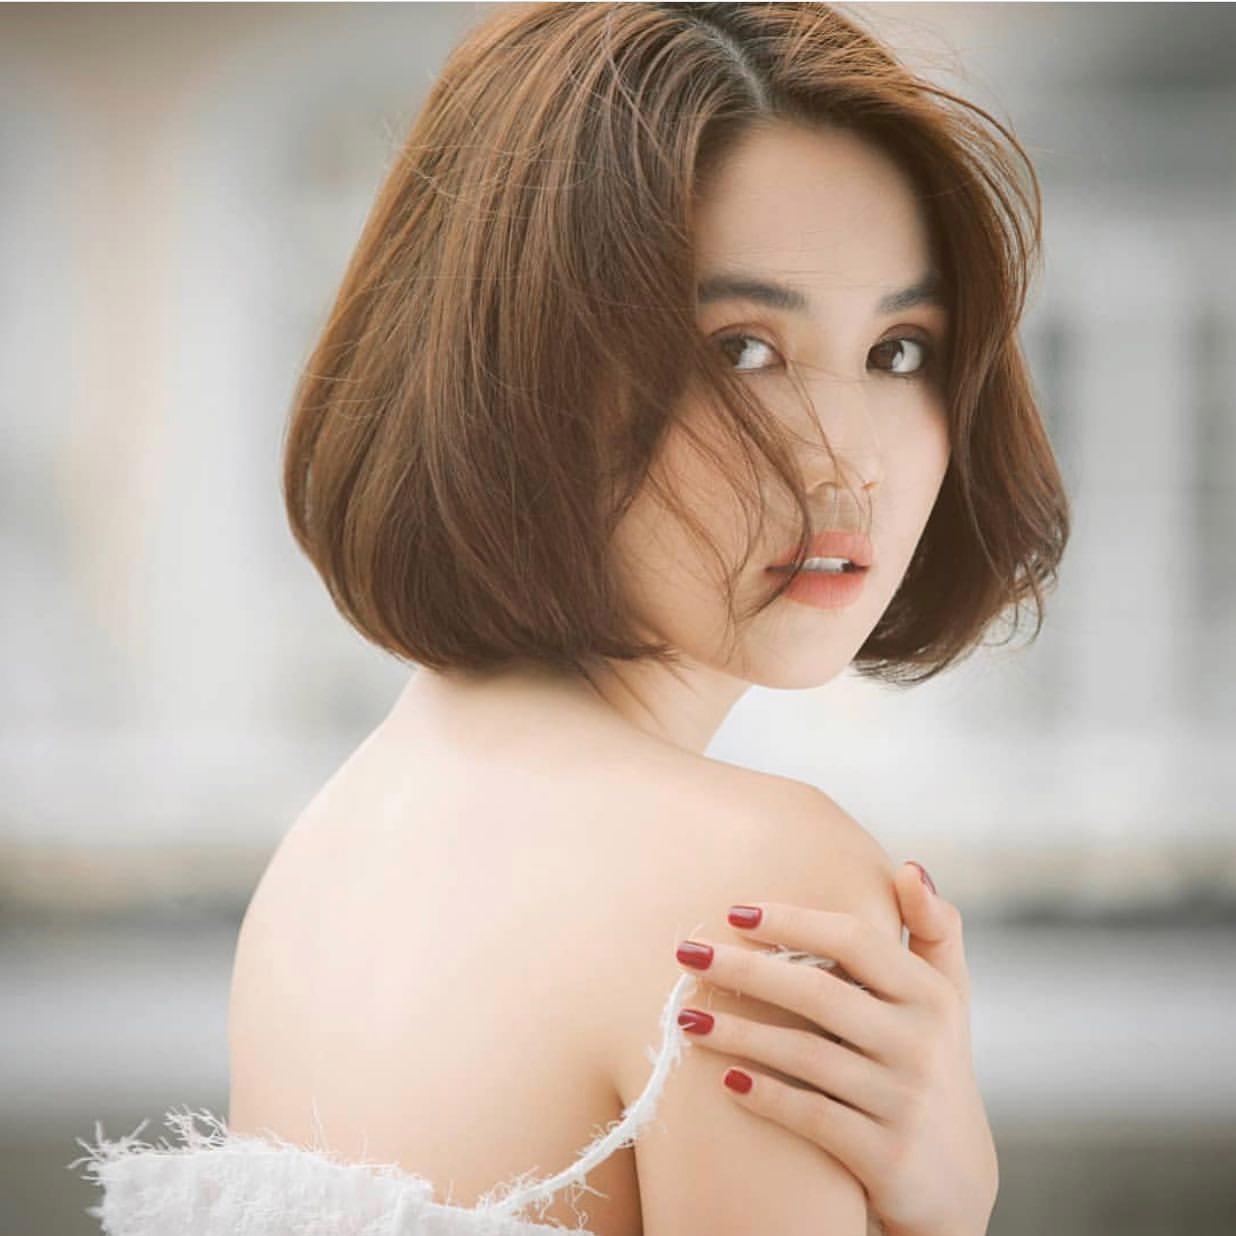 Kiểu tóc ngắn cho mặt tròn to đẹp giúp che khuyết điểm hoàn hảo - 5